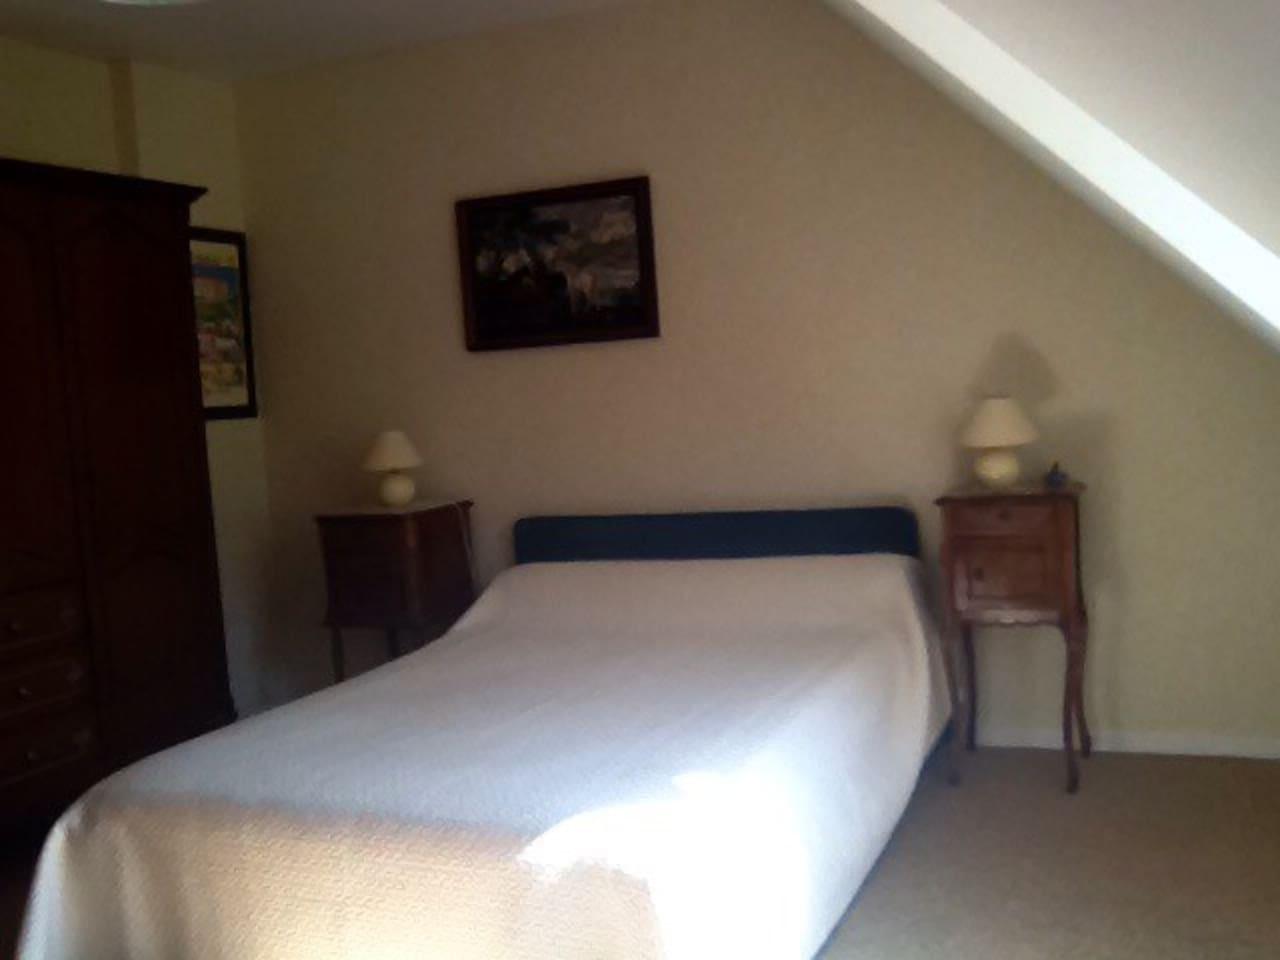 Chambre 15 m2 située au 1er étage dans maison sur grand terrain avec piscine  (10x5), à 500m du centre.  Salle de Bain et wc privés. Petit déjeuner compris.